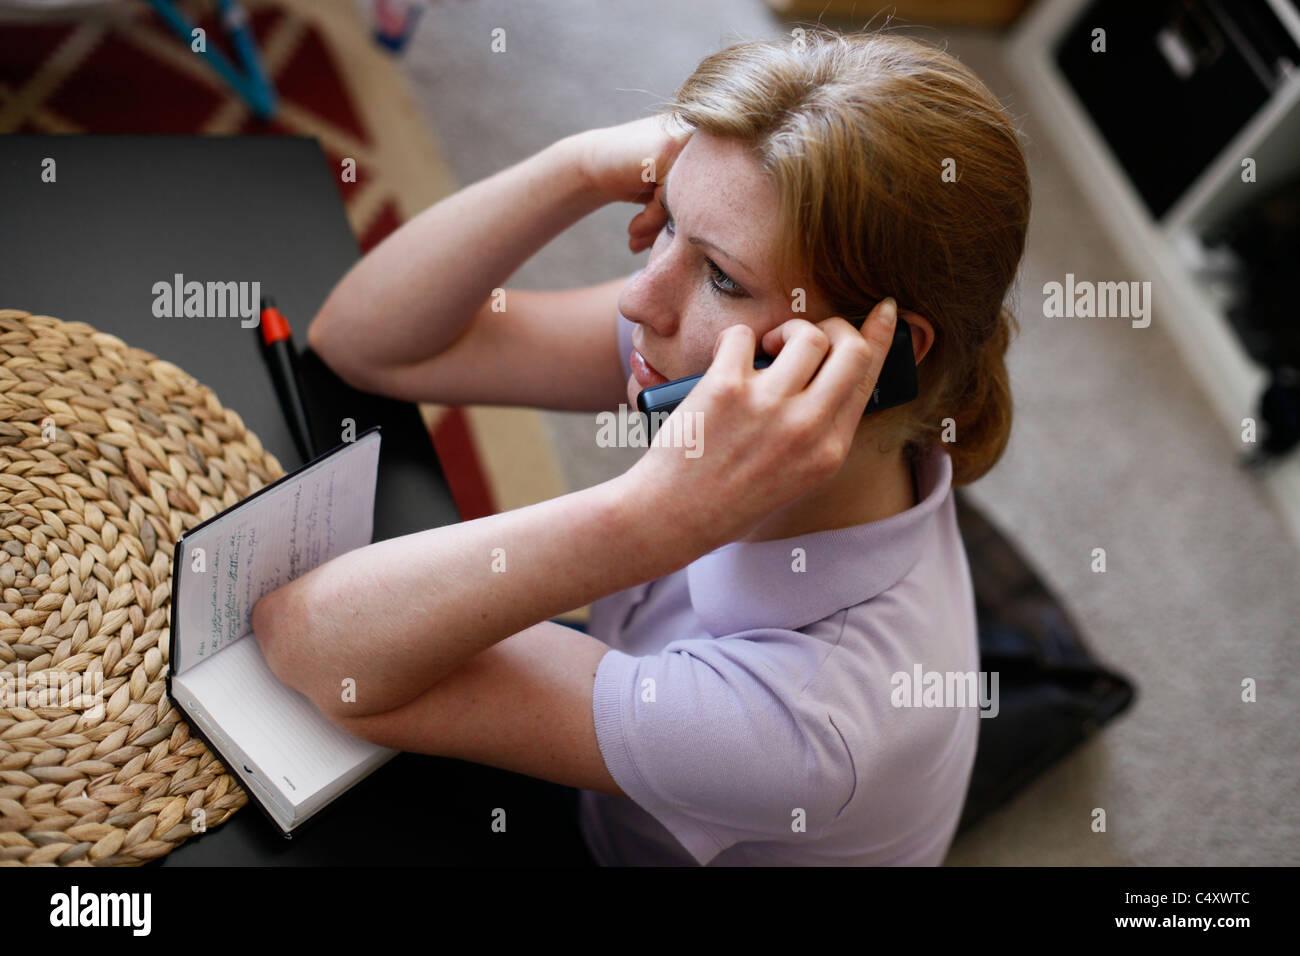 Une jeune femme allemande à l'aide de téléphone fixe à son domicile Photo Stock